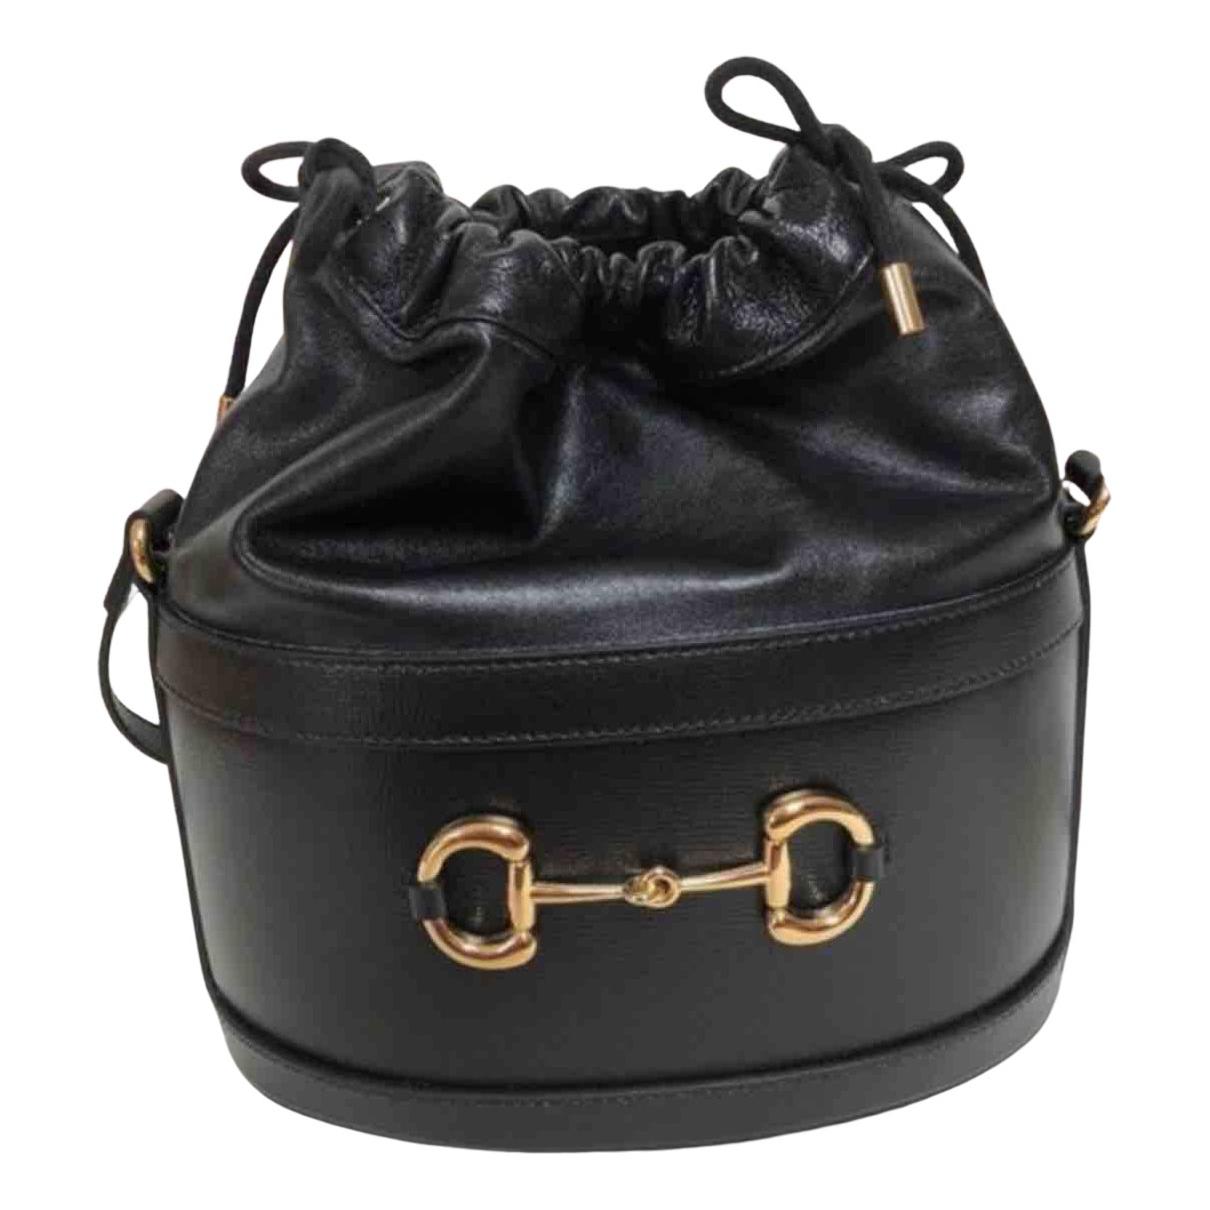 Gucci - Sac a main 1955 pour femme en cuir - noir